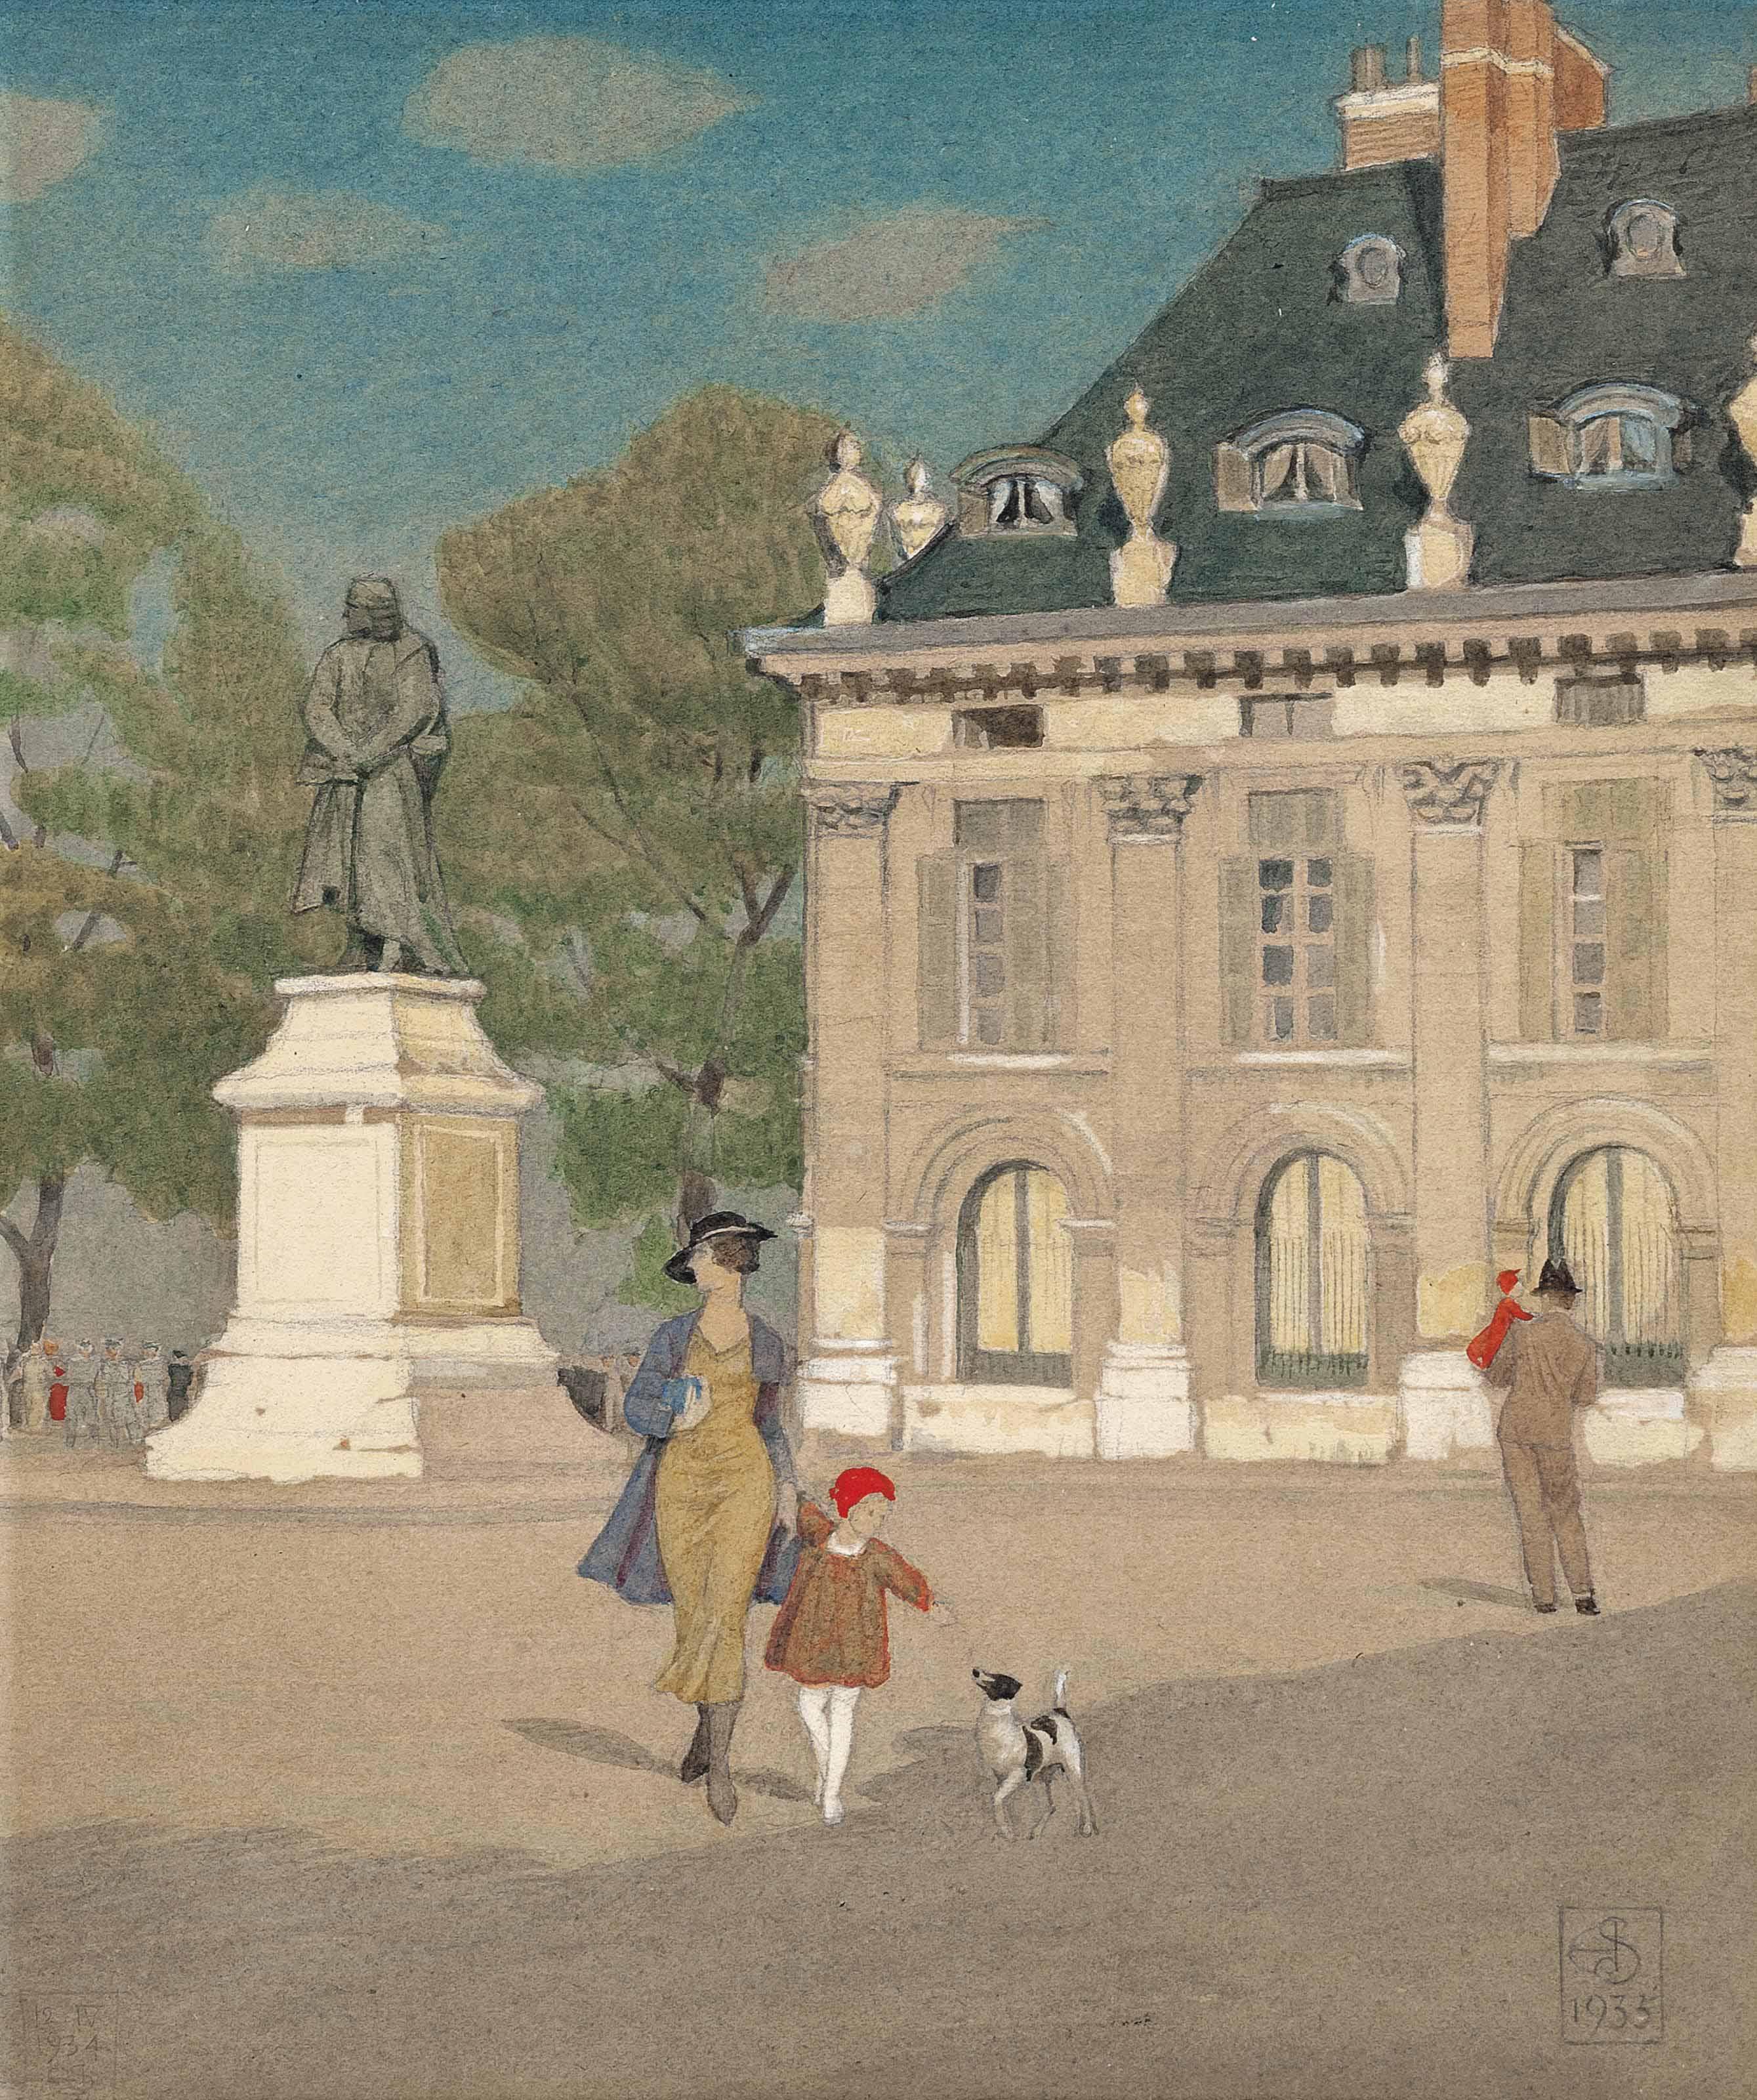 The Quai Voltaire, Paris